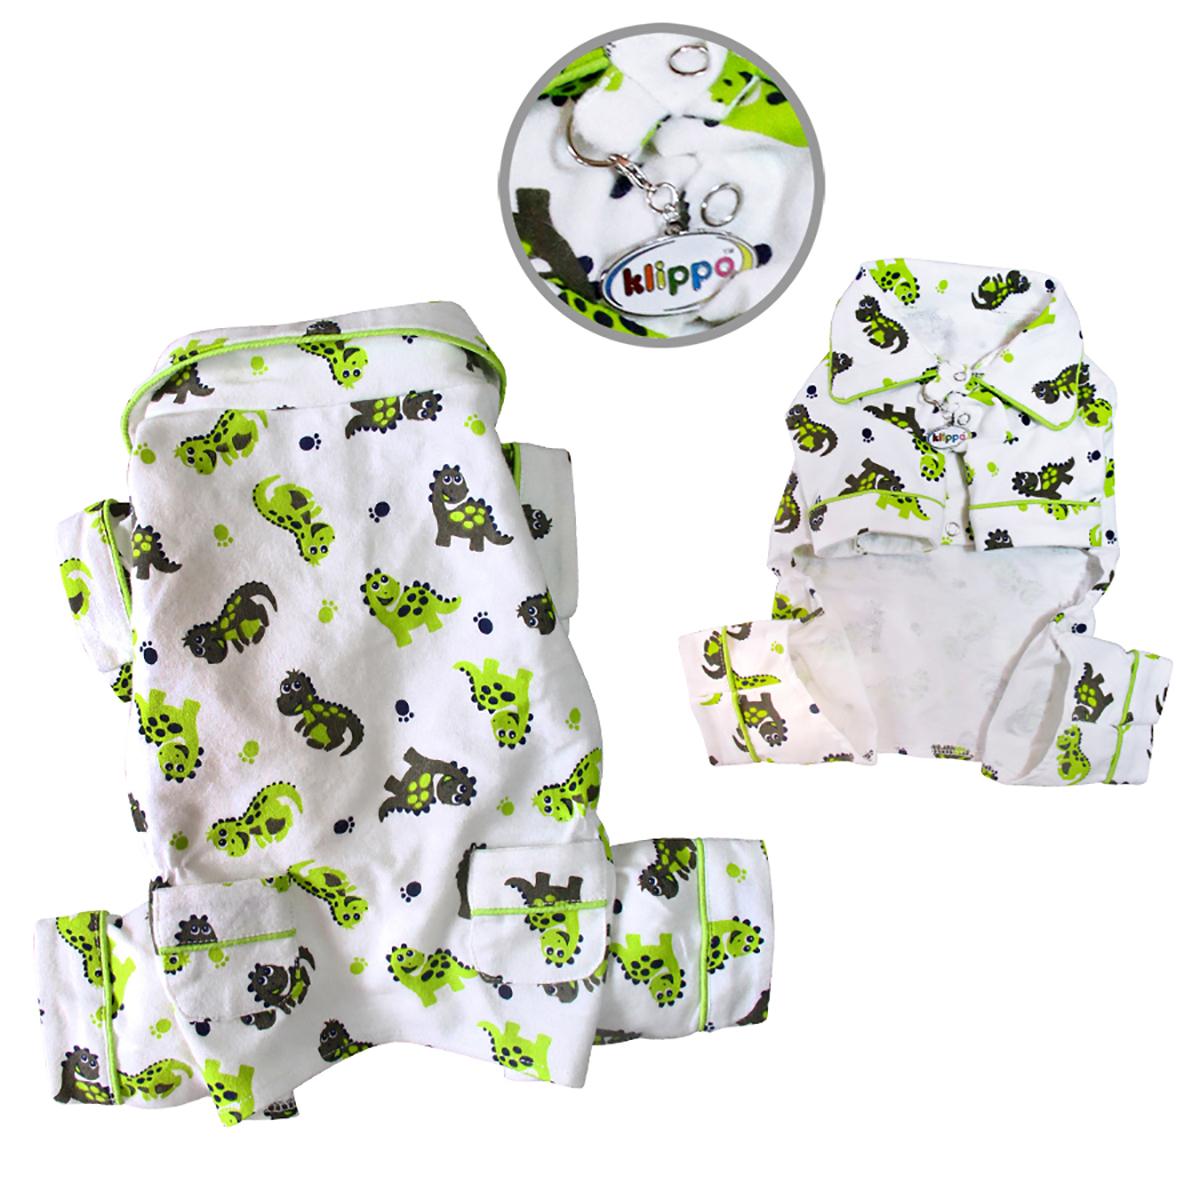 Playful Dinosaurs Dog Pajamas by Klippo